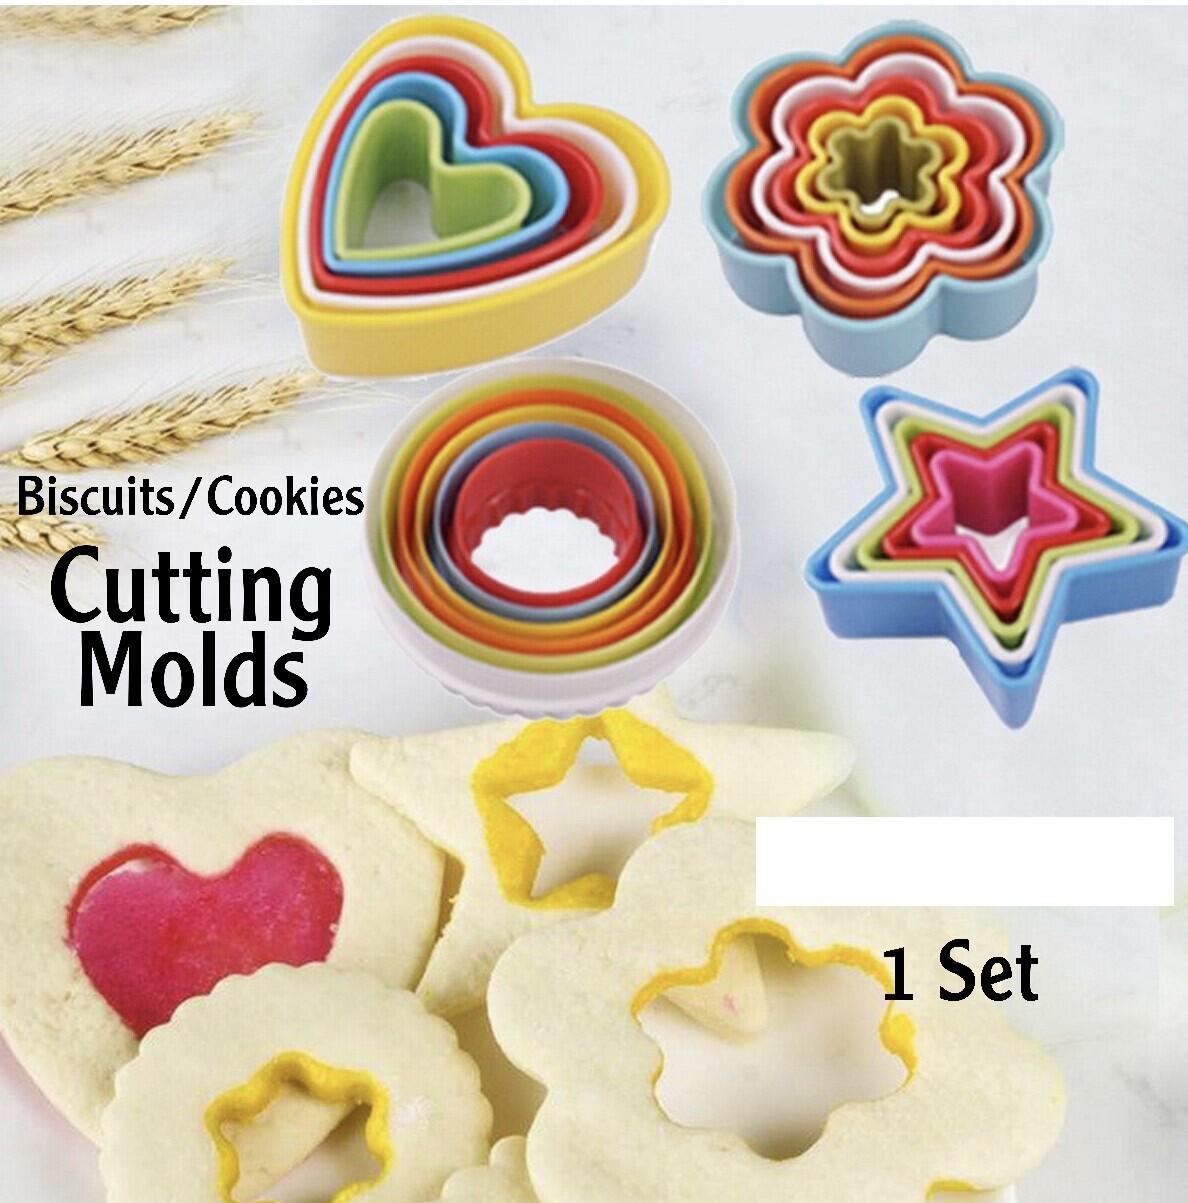 Biscuits/Cookies Molds